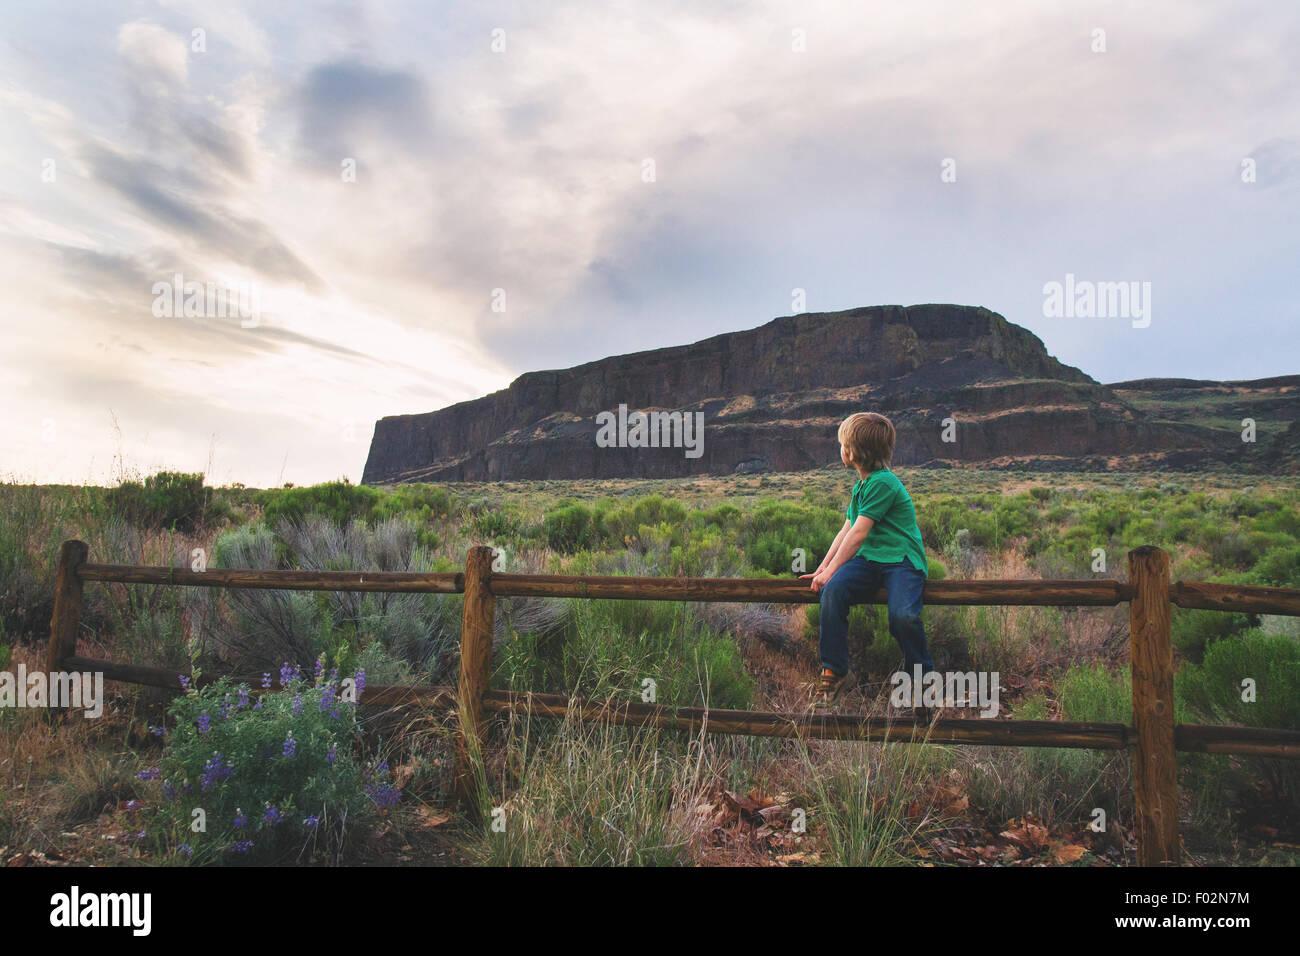 Junge sitzt auf Holzzaun über seine Schulter blickend Stockbild